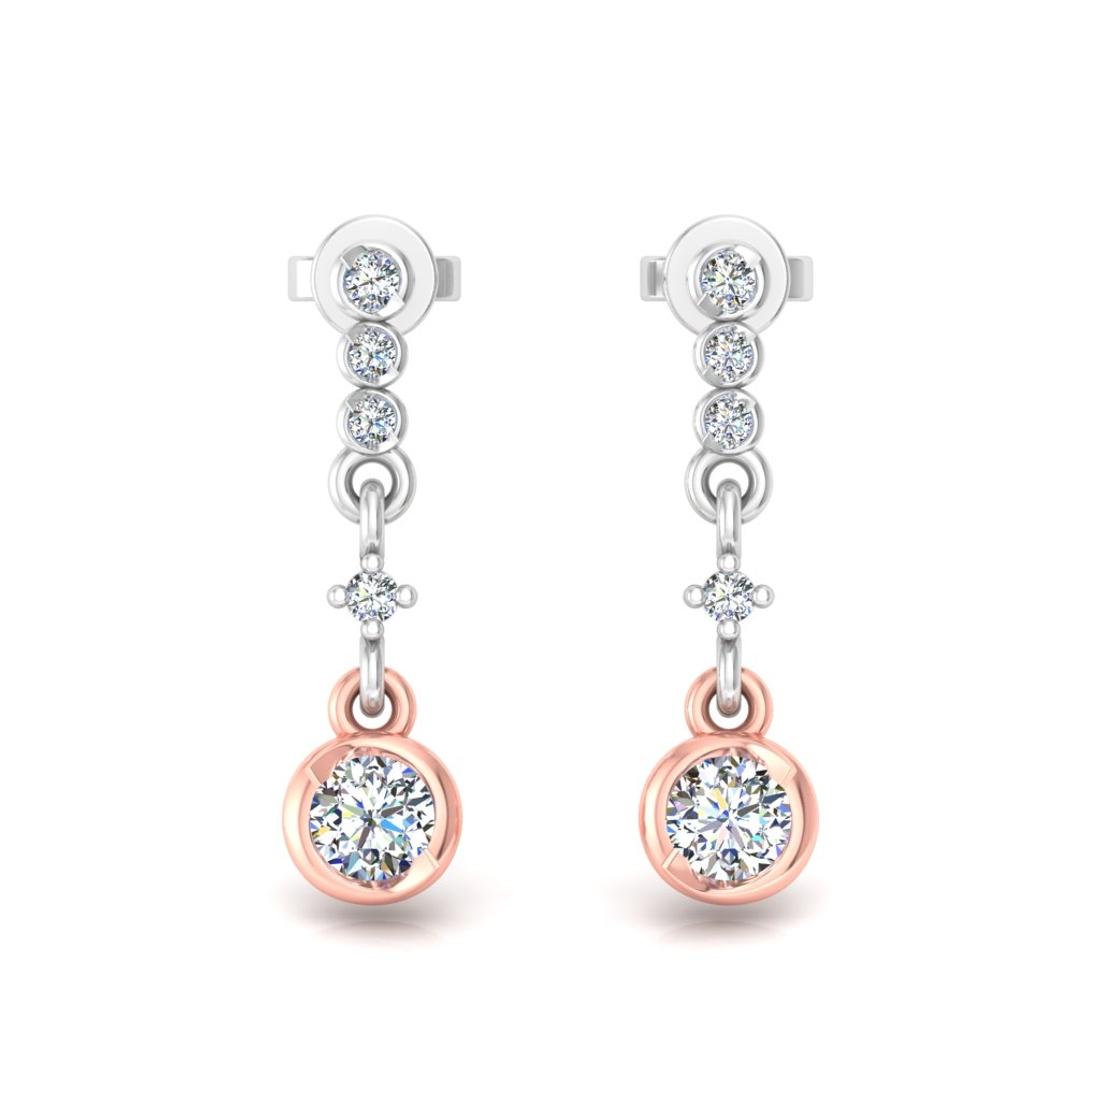 Designer mix earrings